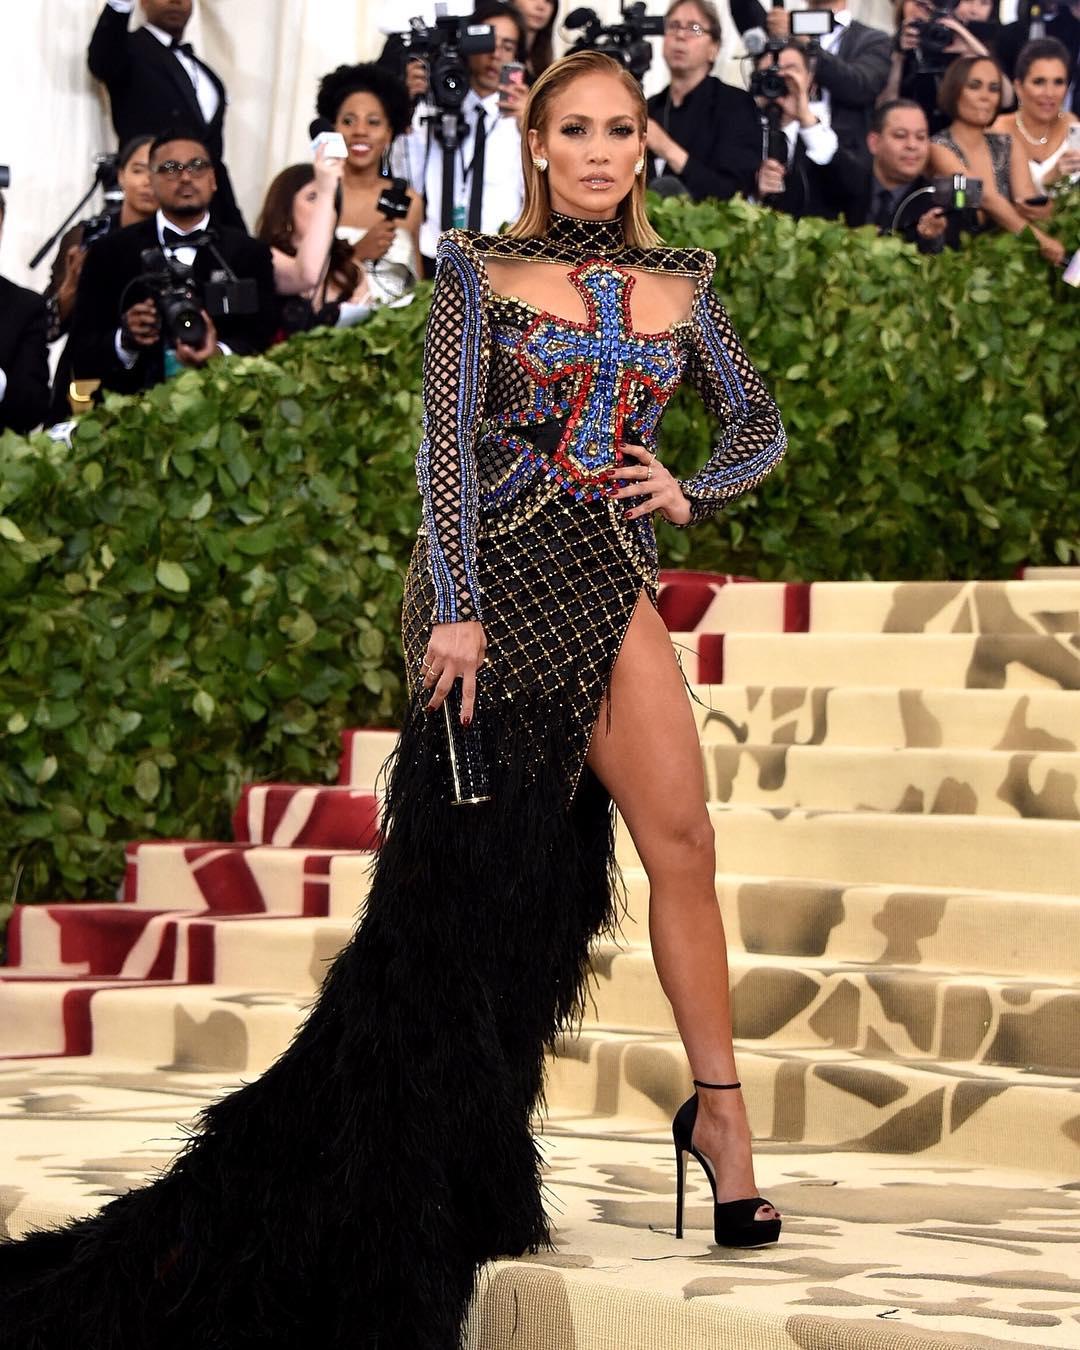 Люрекс, перья, каблуки — почему все говорят об образе Джей Ло на Met Gala 2018